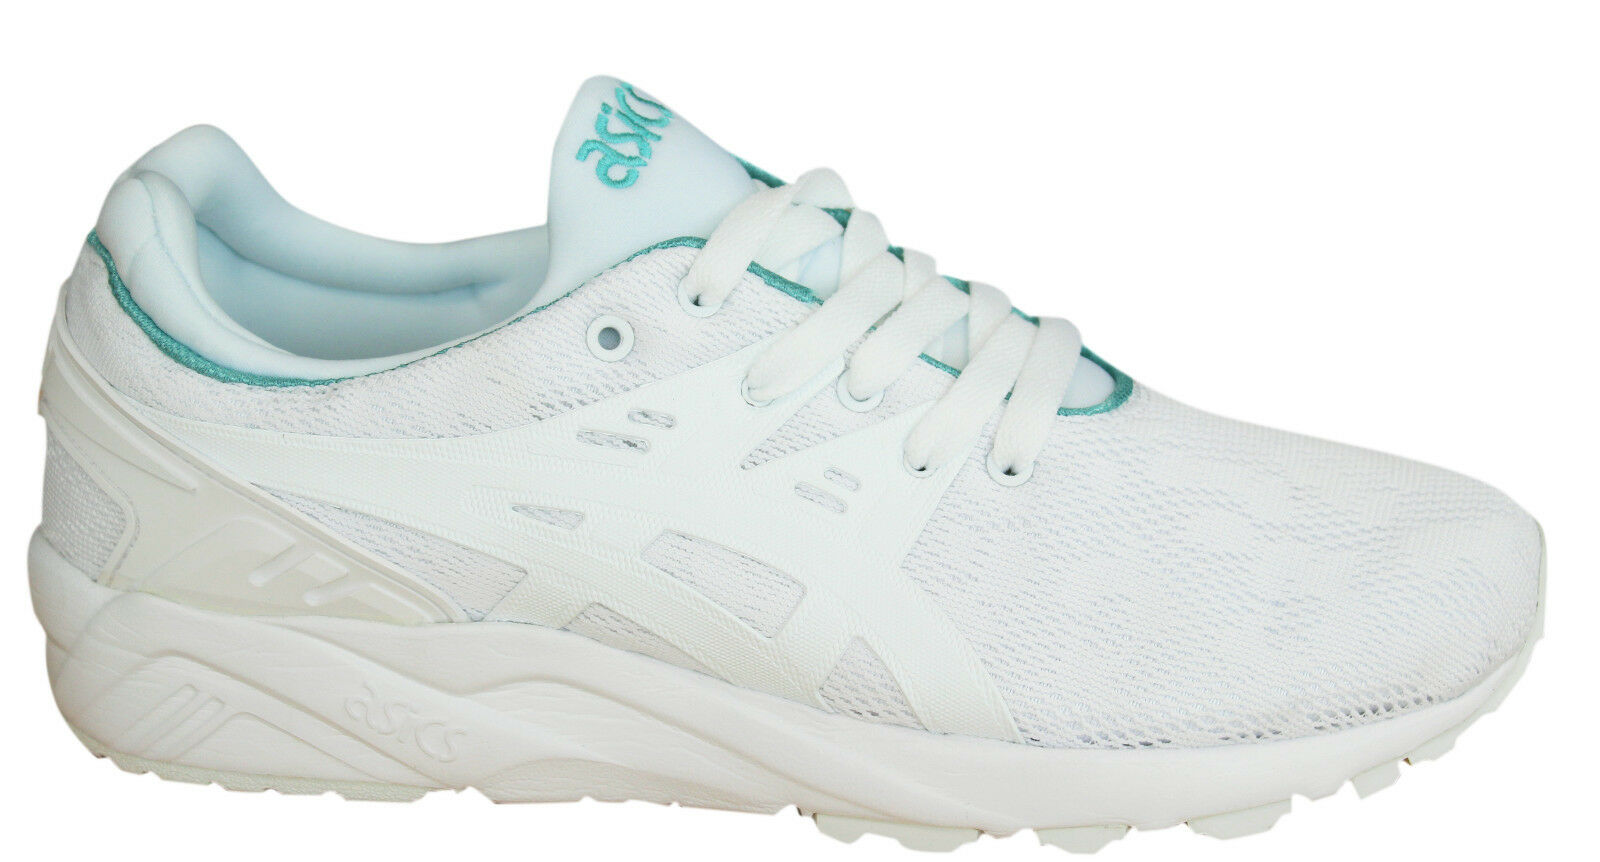 ASICS GEL Kayano formadores Evo los zapatos de los Blanco Mujer Lace Up Textile Blanco los h7q6n 0101 M4 casual salvaje 9052e1